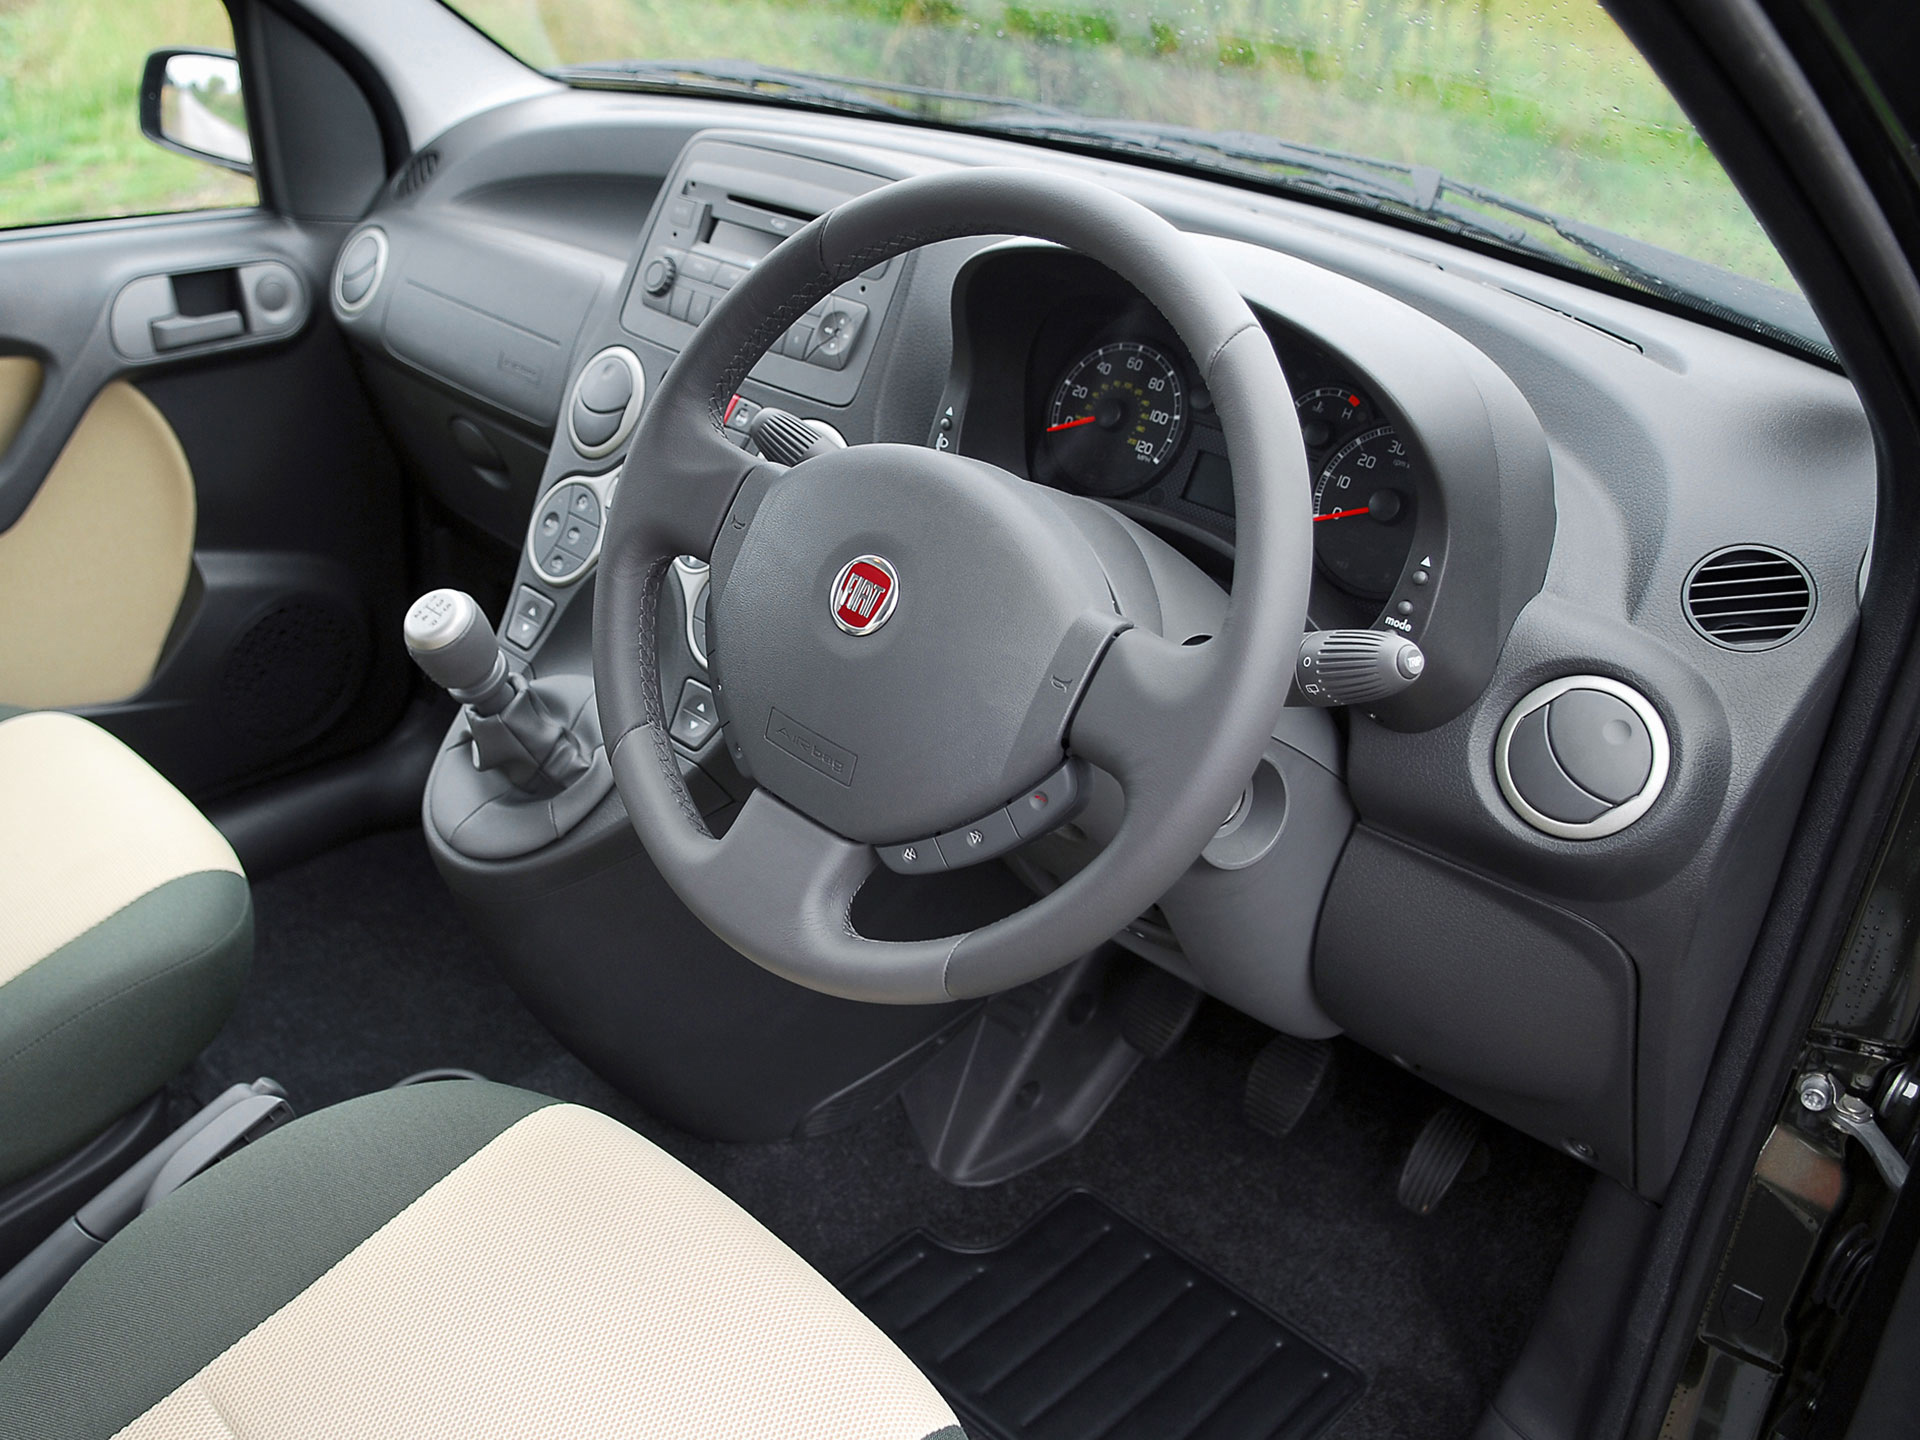 Fiat Panda (2004-2012)